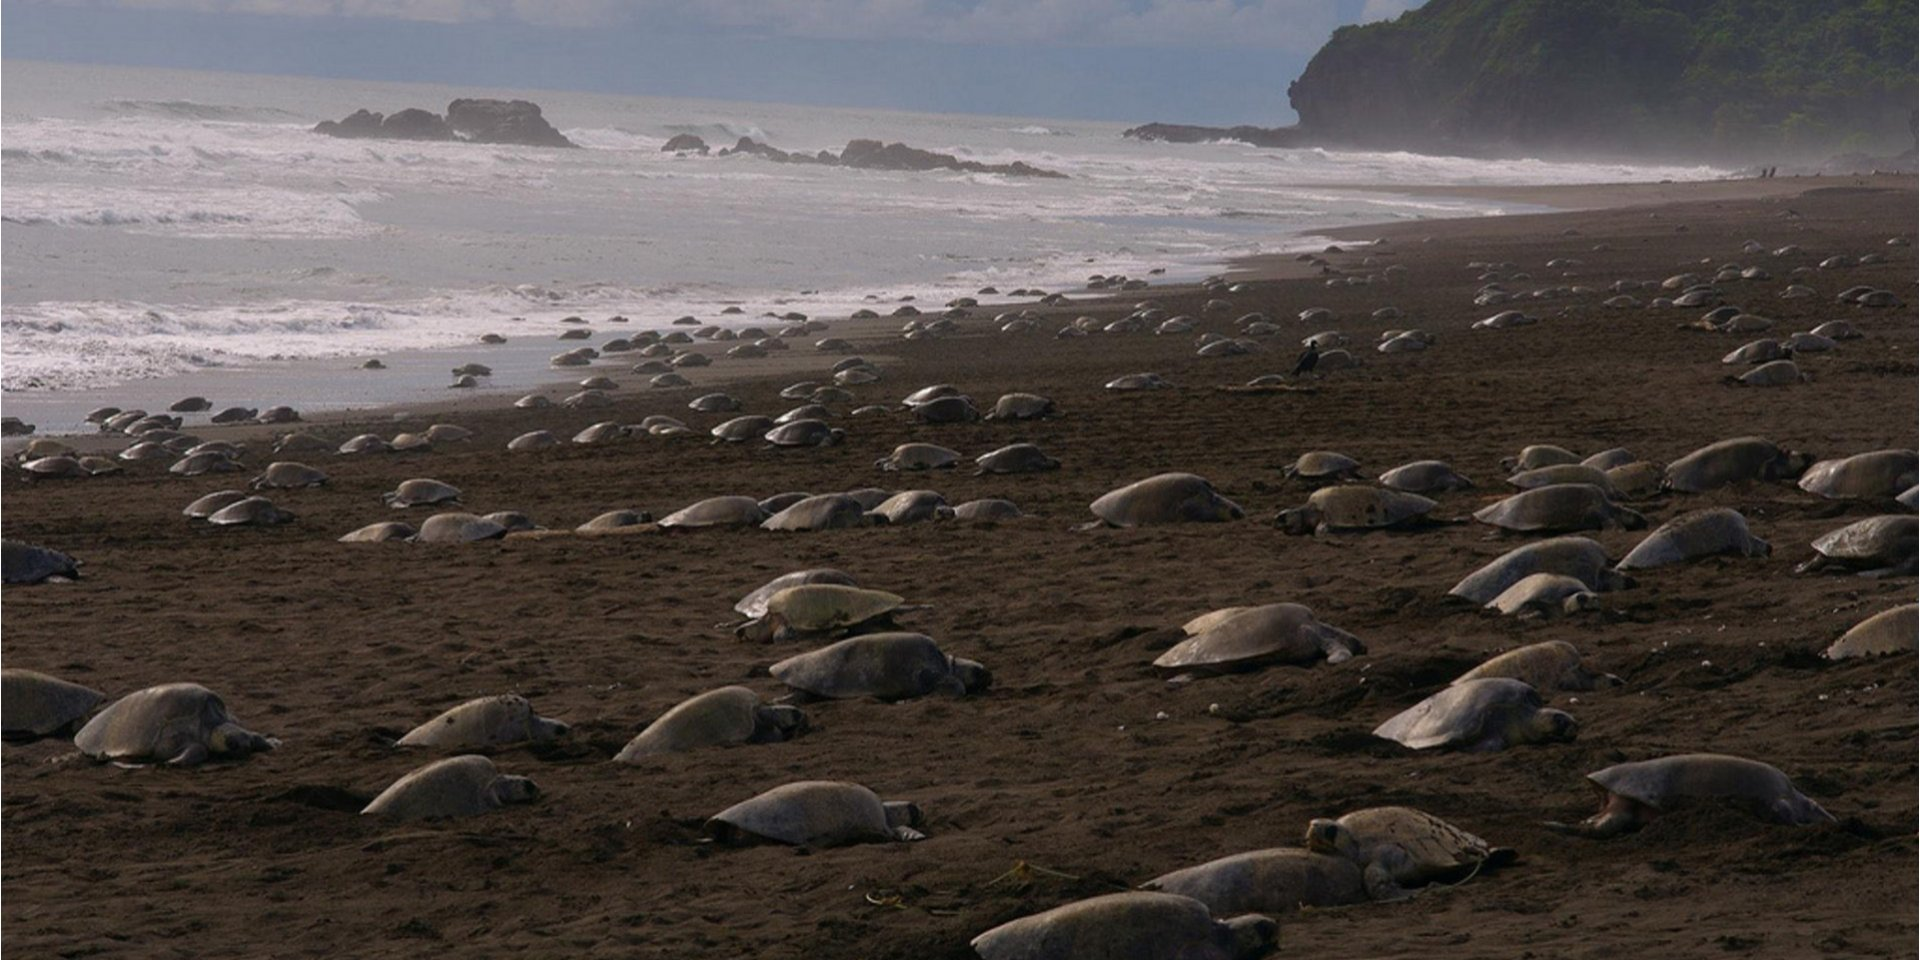 Індійське узбережжя, карантин, черепахи, гніздо, пляж